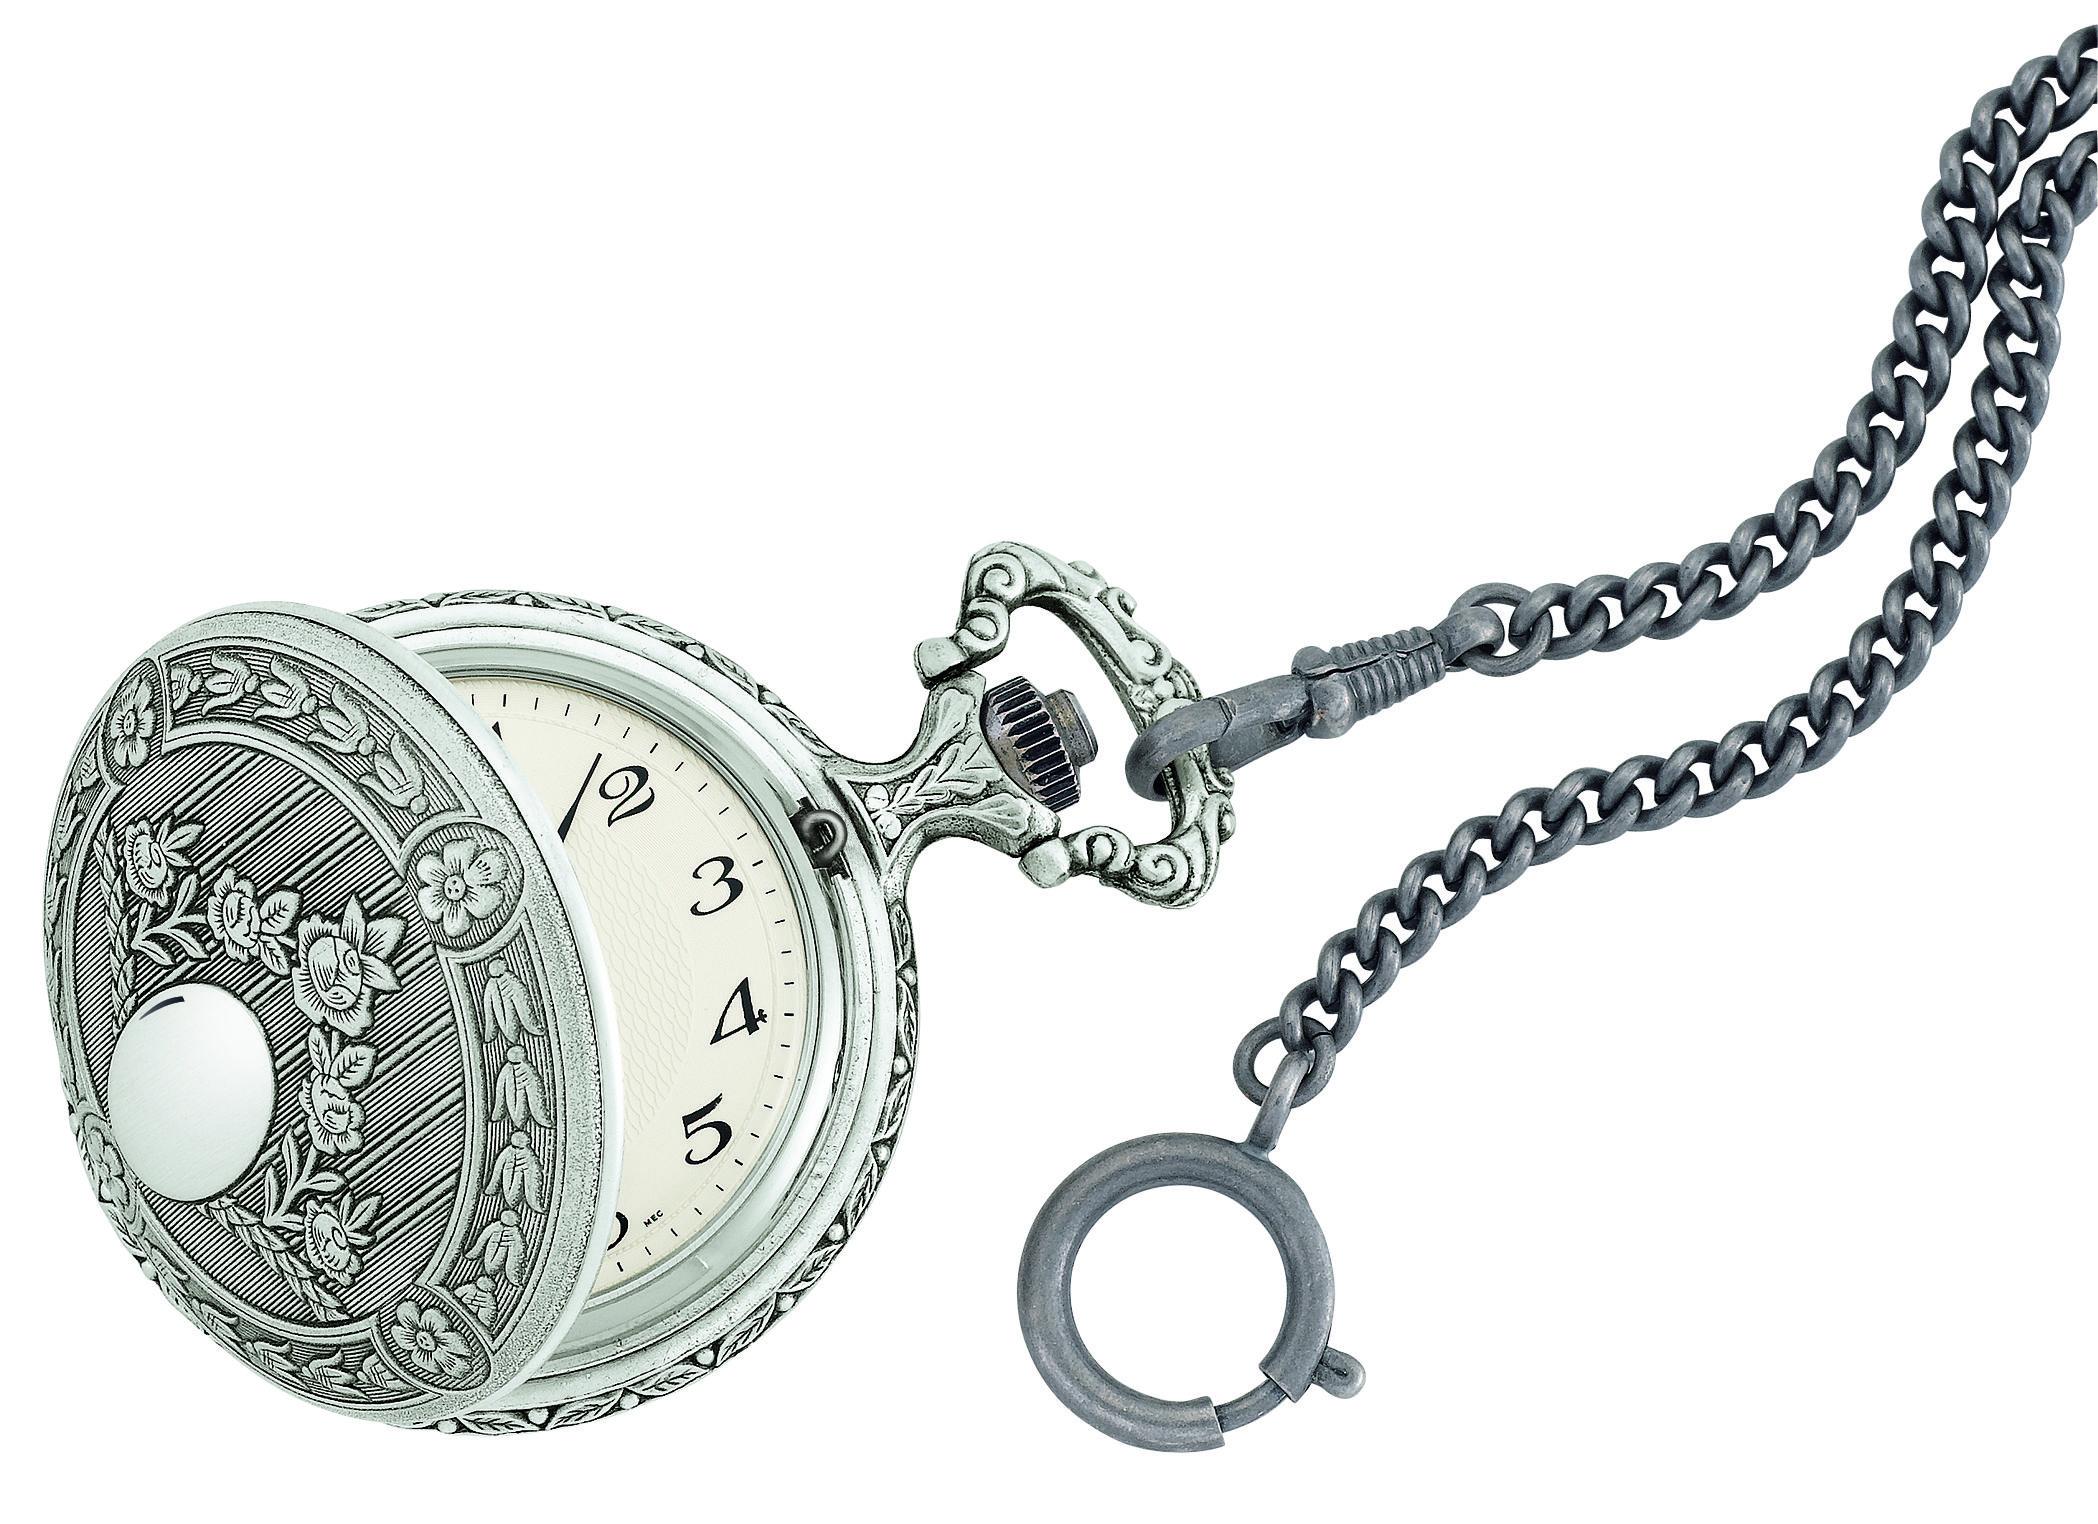 Taschenuhr gezeichnet  DoroChron Taschenuhr   Taschenuhren, Juwelier und Metall